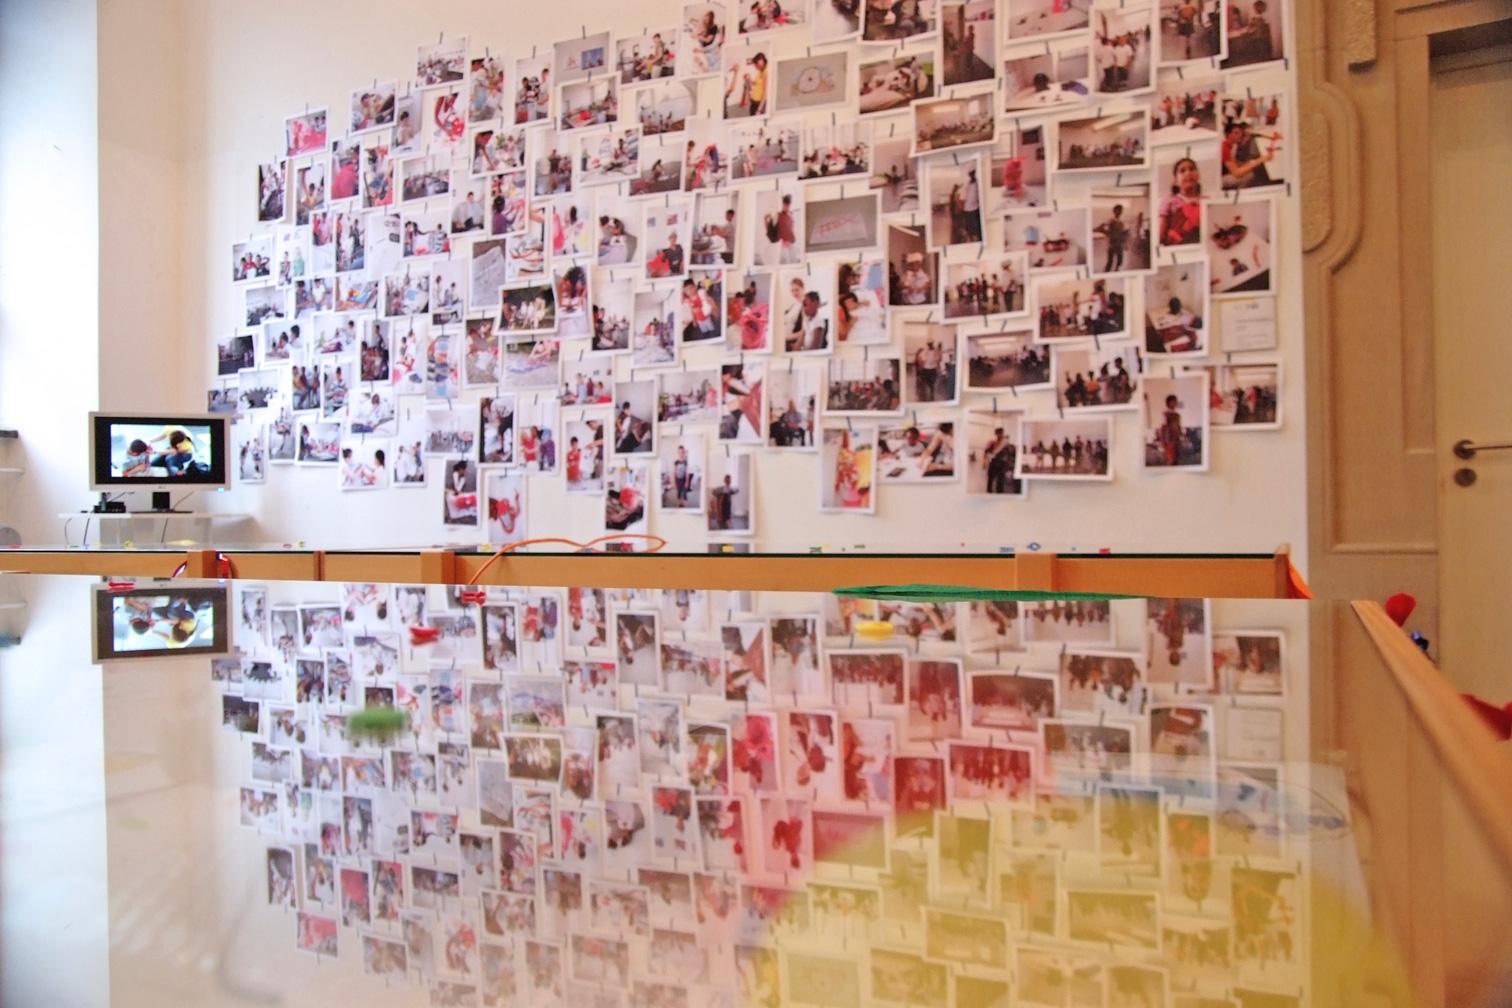 gerrit_schweiger-Rummel-2030-Zukunft-Kinder-Kreativität-Mode-Workshop-Modenschau-Ausstellung-02